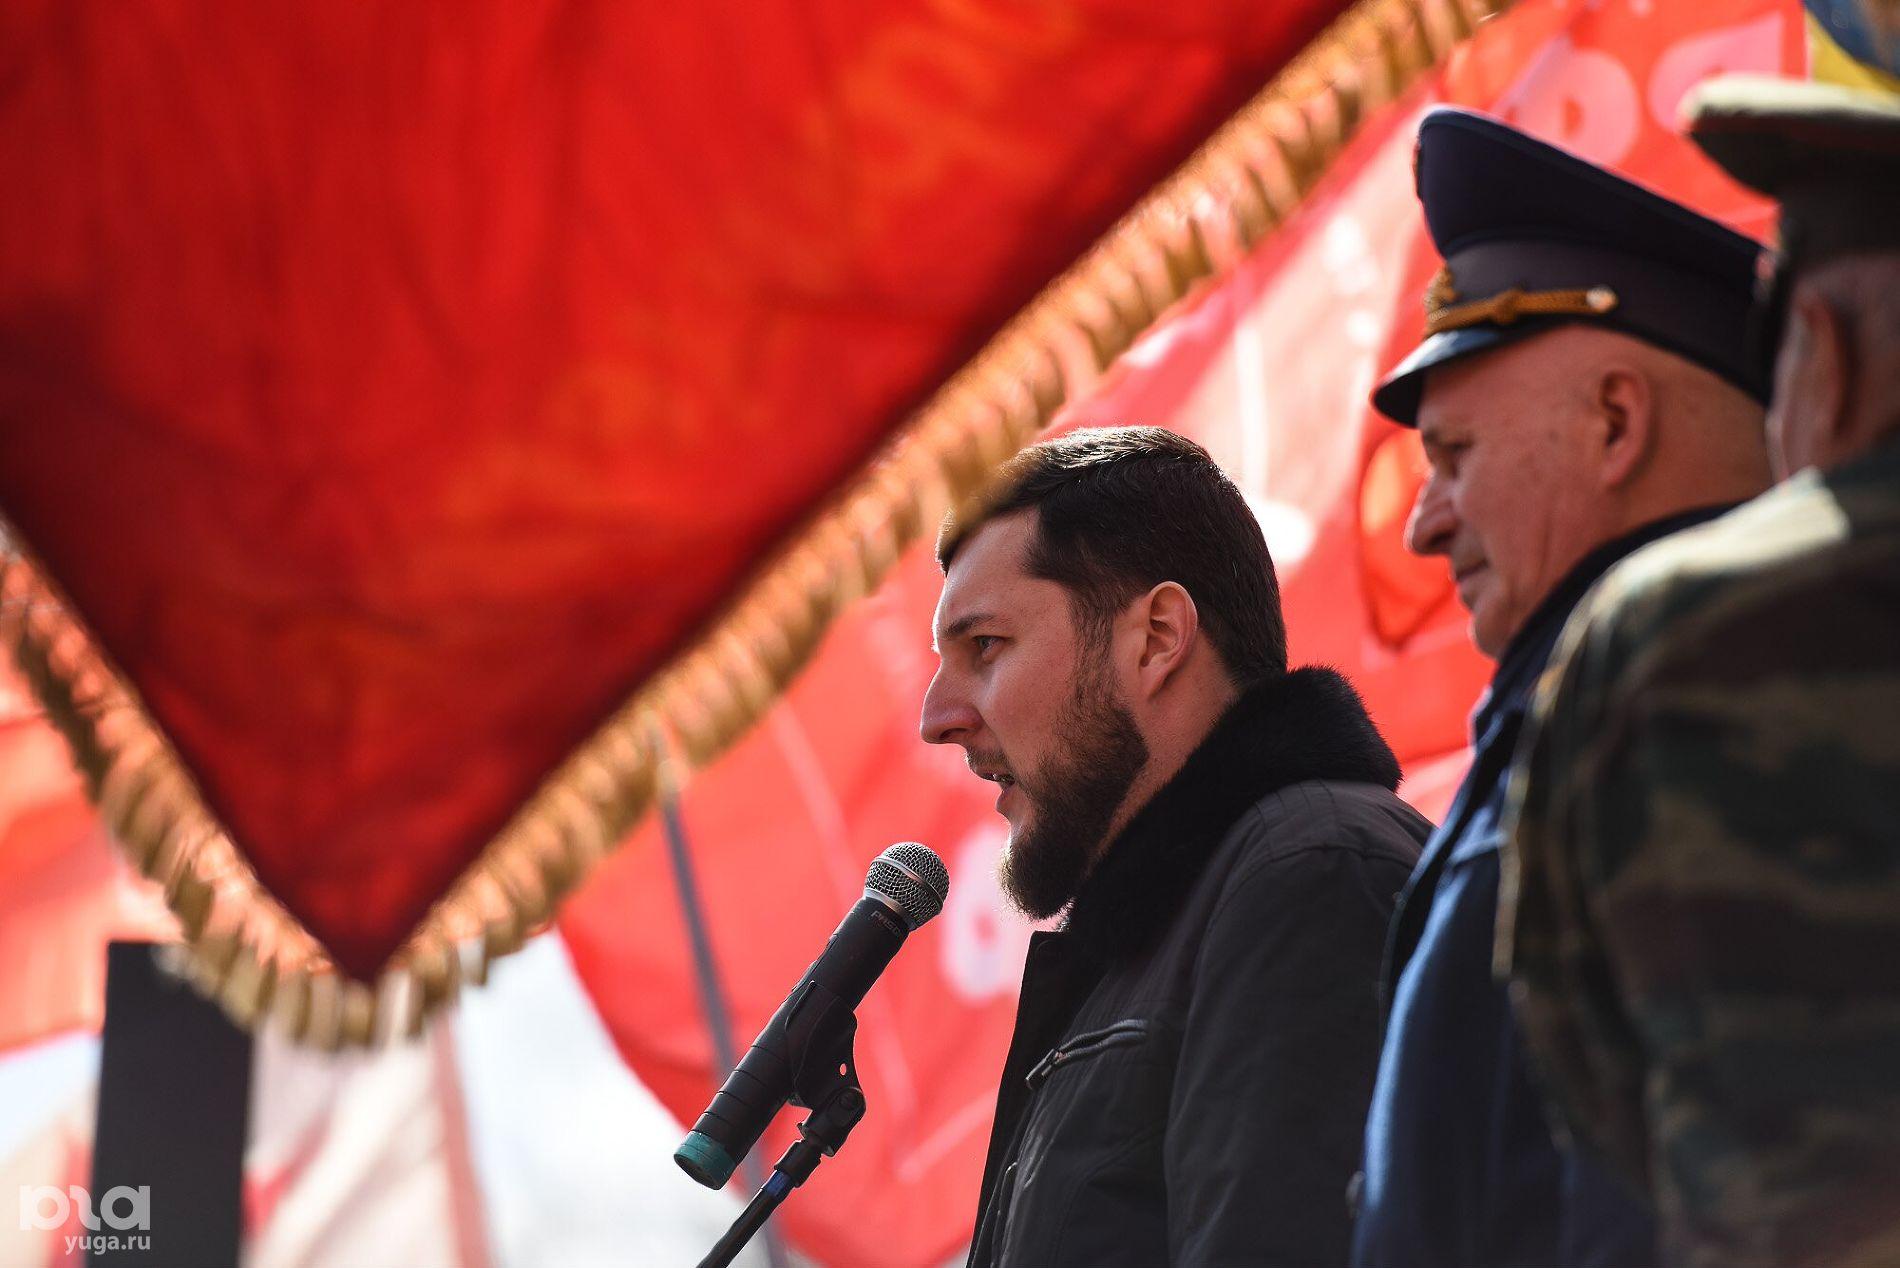 Александр Вергелес. Митинг протеста в Вишняковском сквере Краснодара ©Фото Елены Синеок, Юга.ру